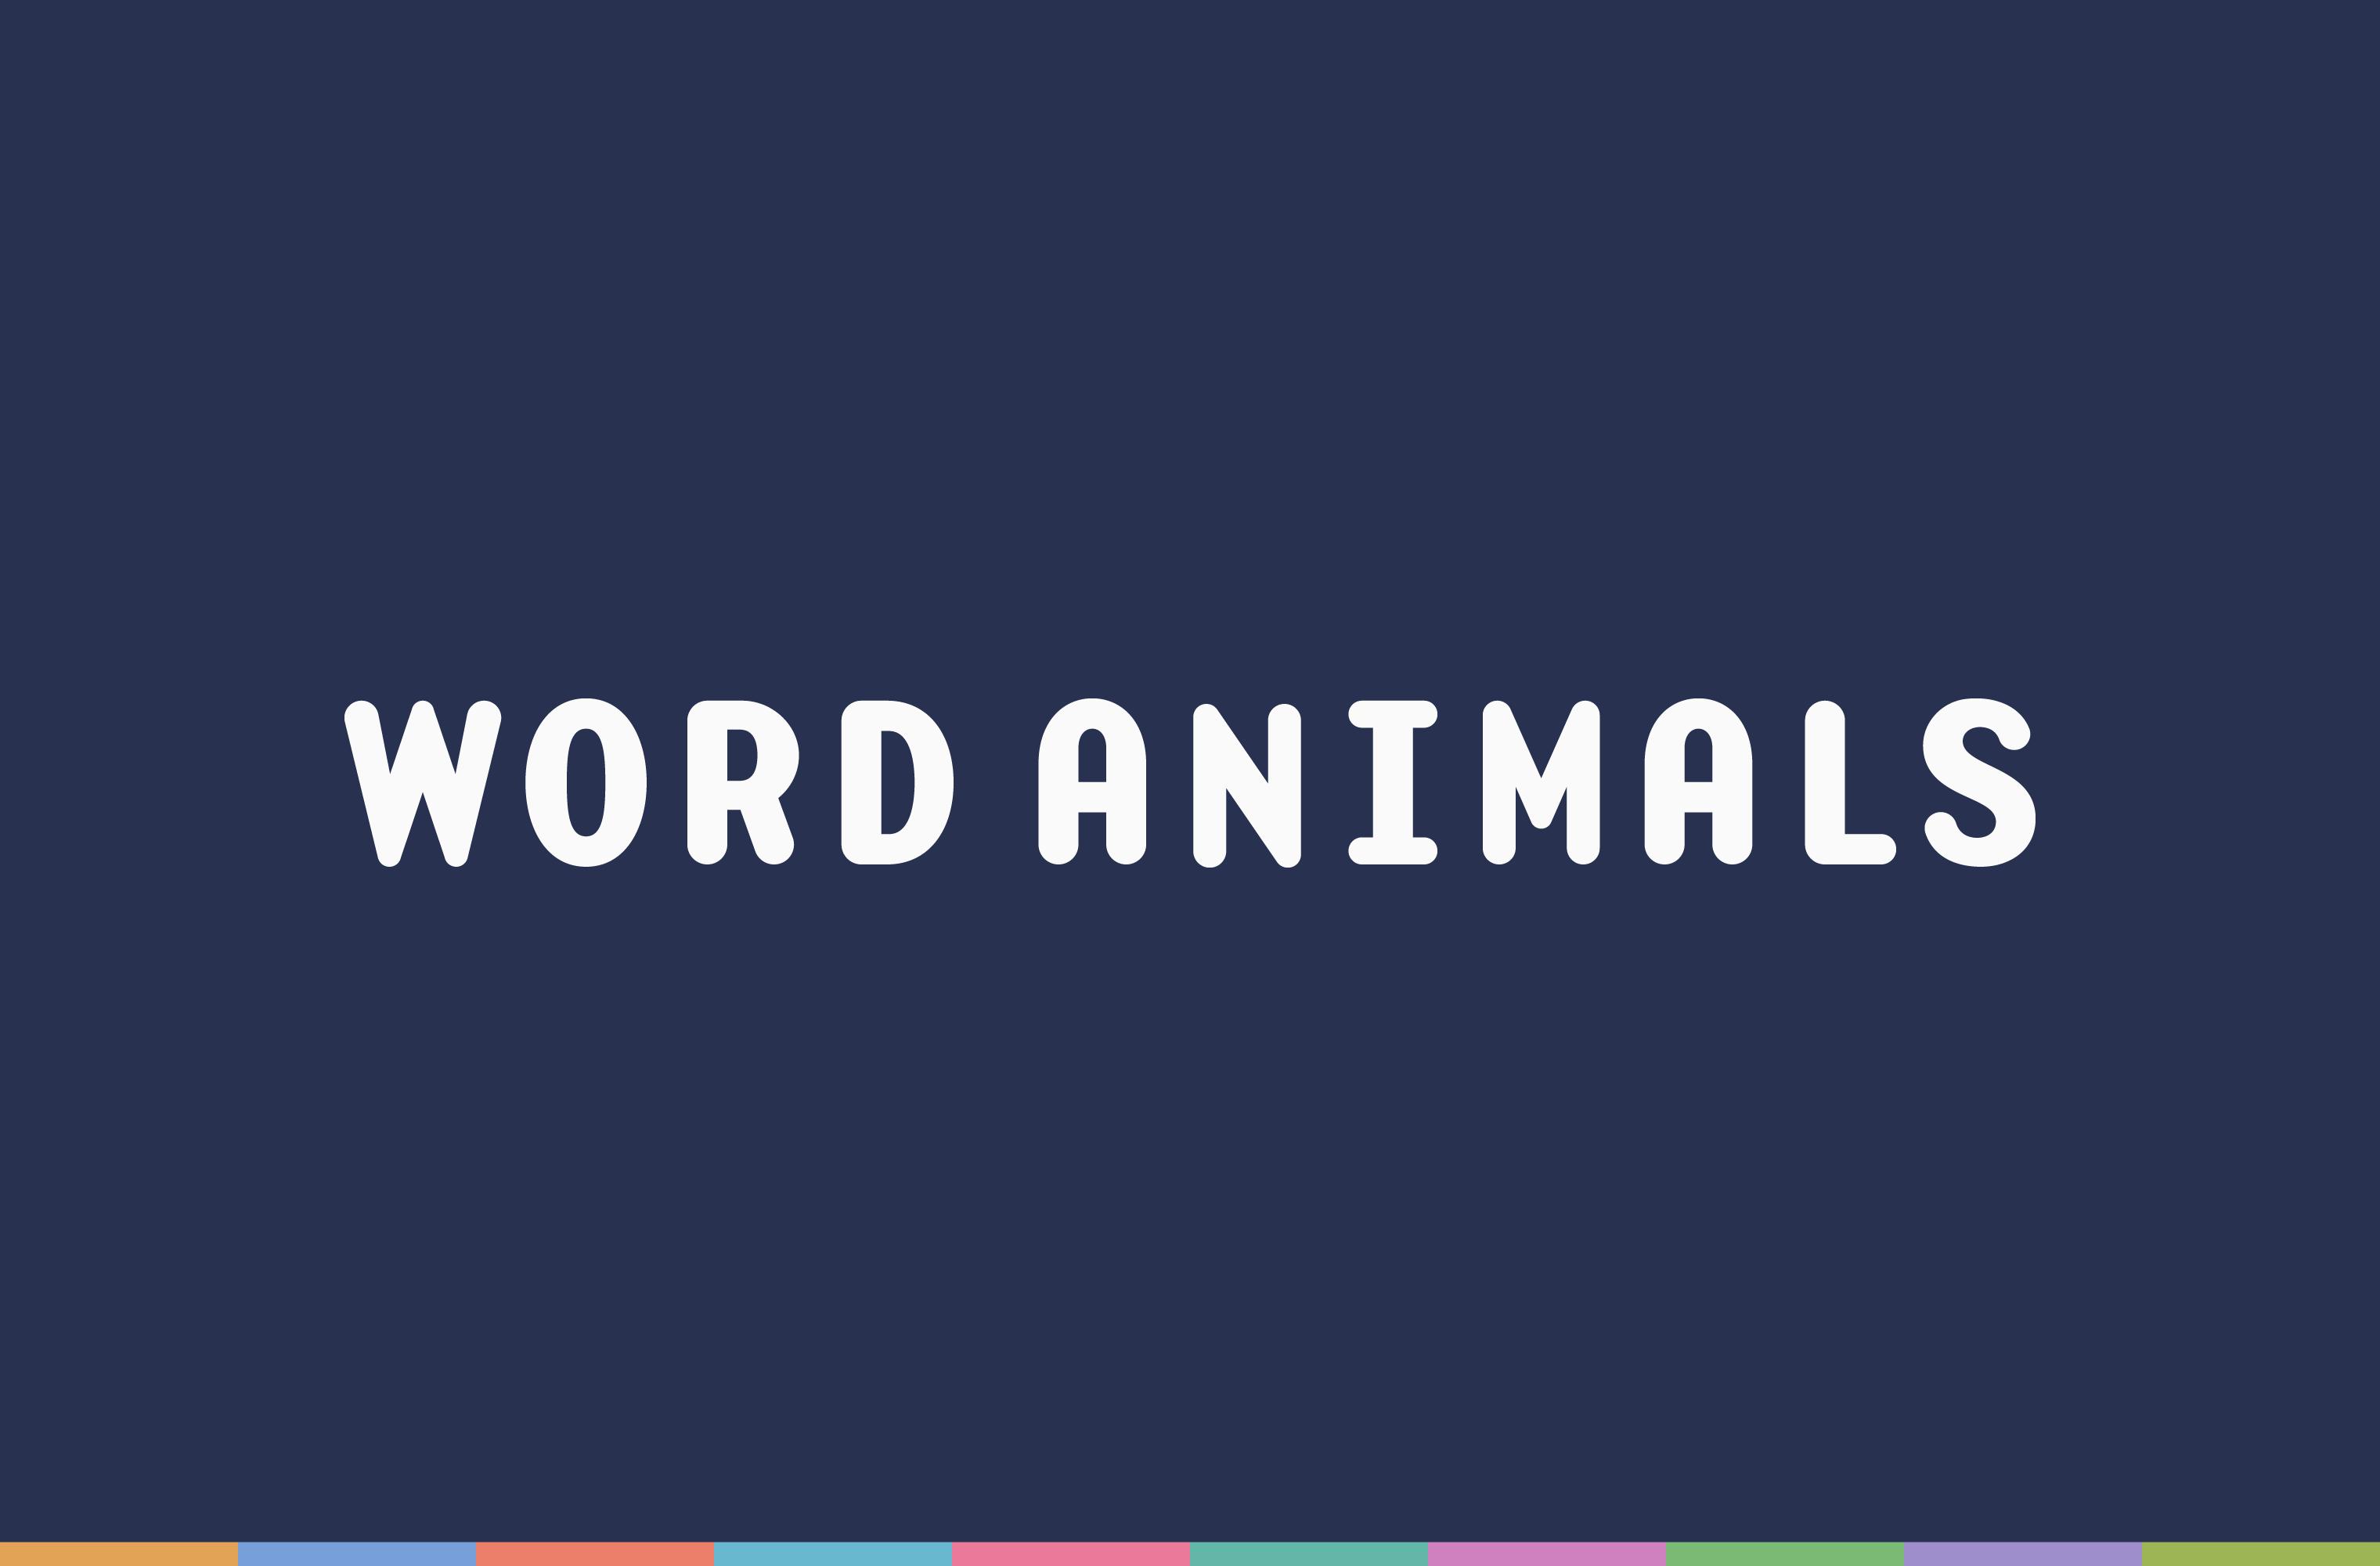 White Word Animals wordmark on a blue background